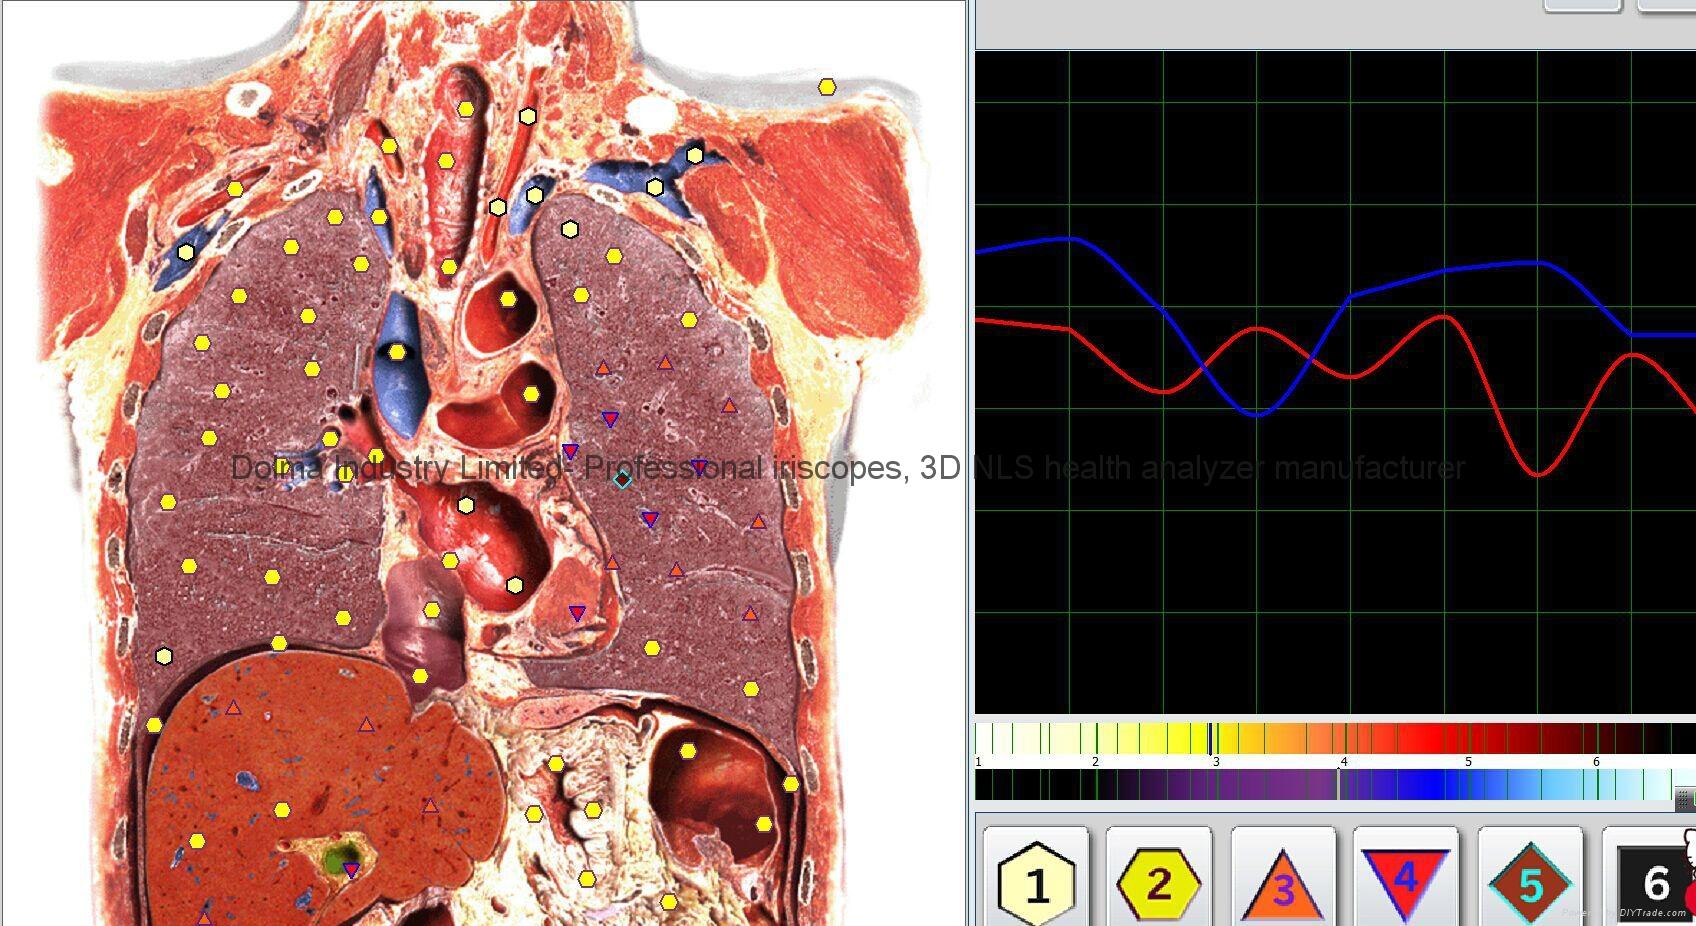 塔特隆獵人NLS系統4025生物共振健康掃描和治療 7